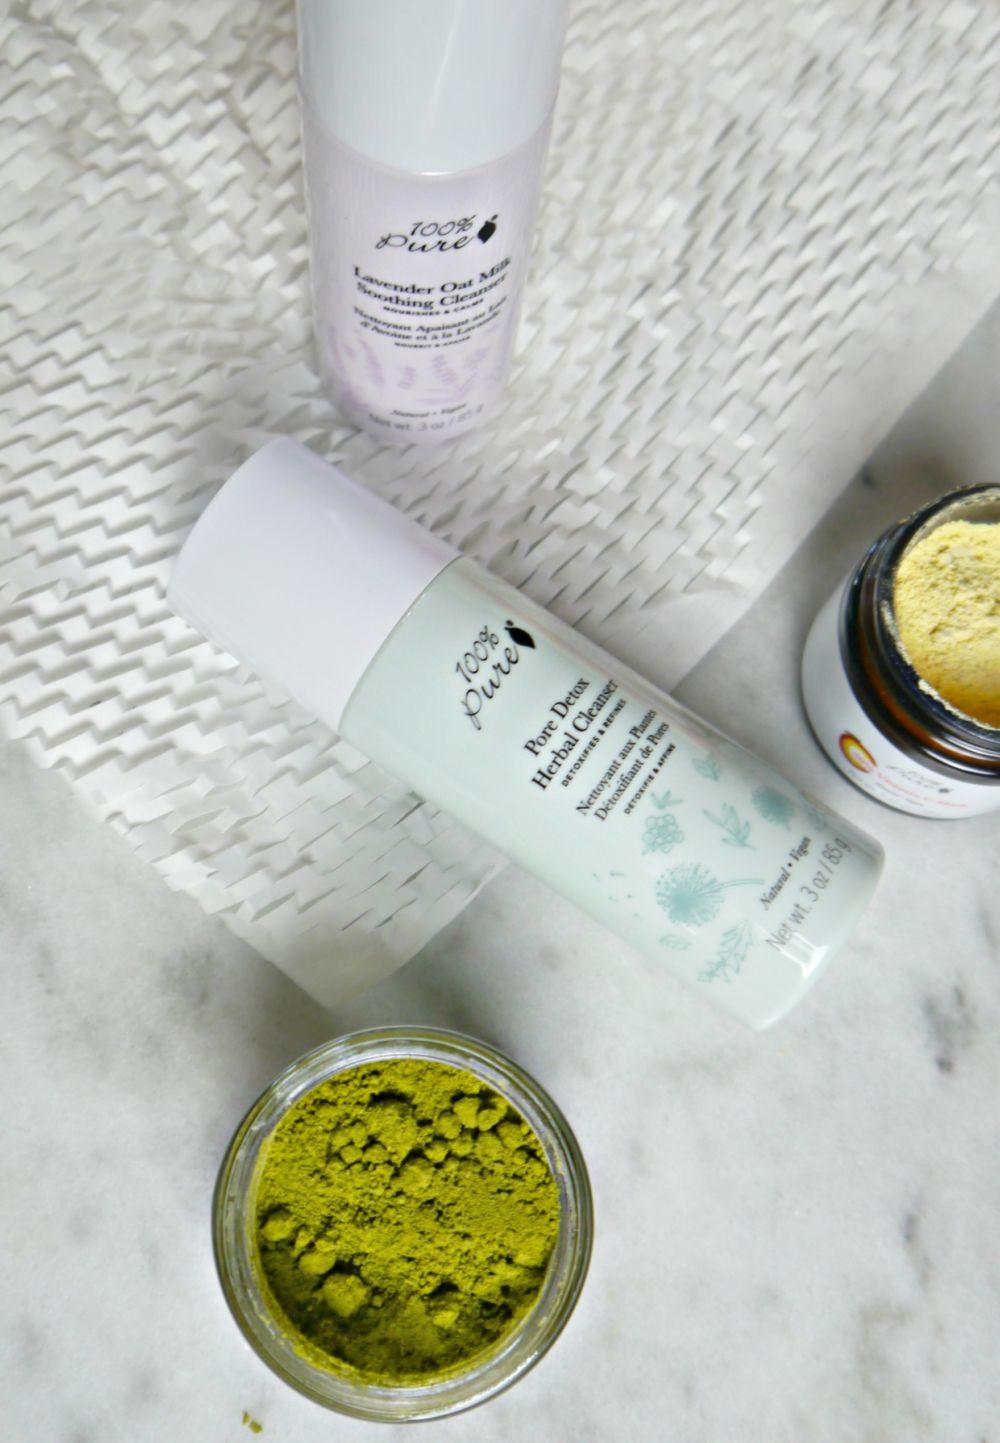 100 Percent Pure Powder Skin Care